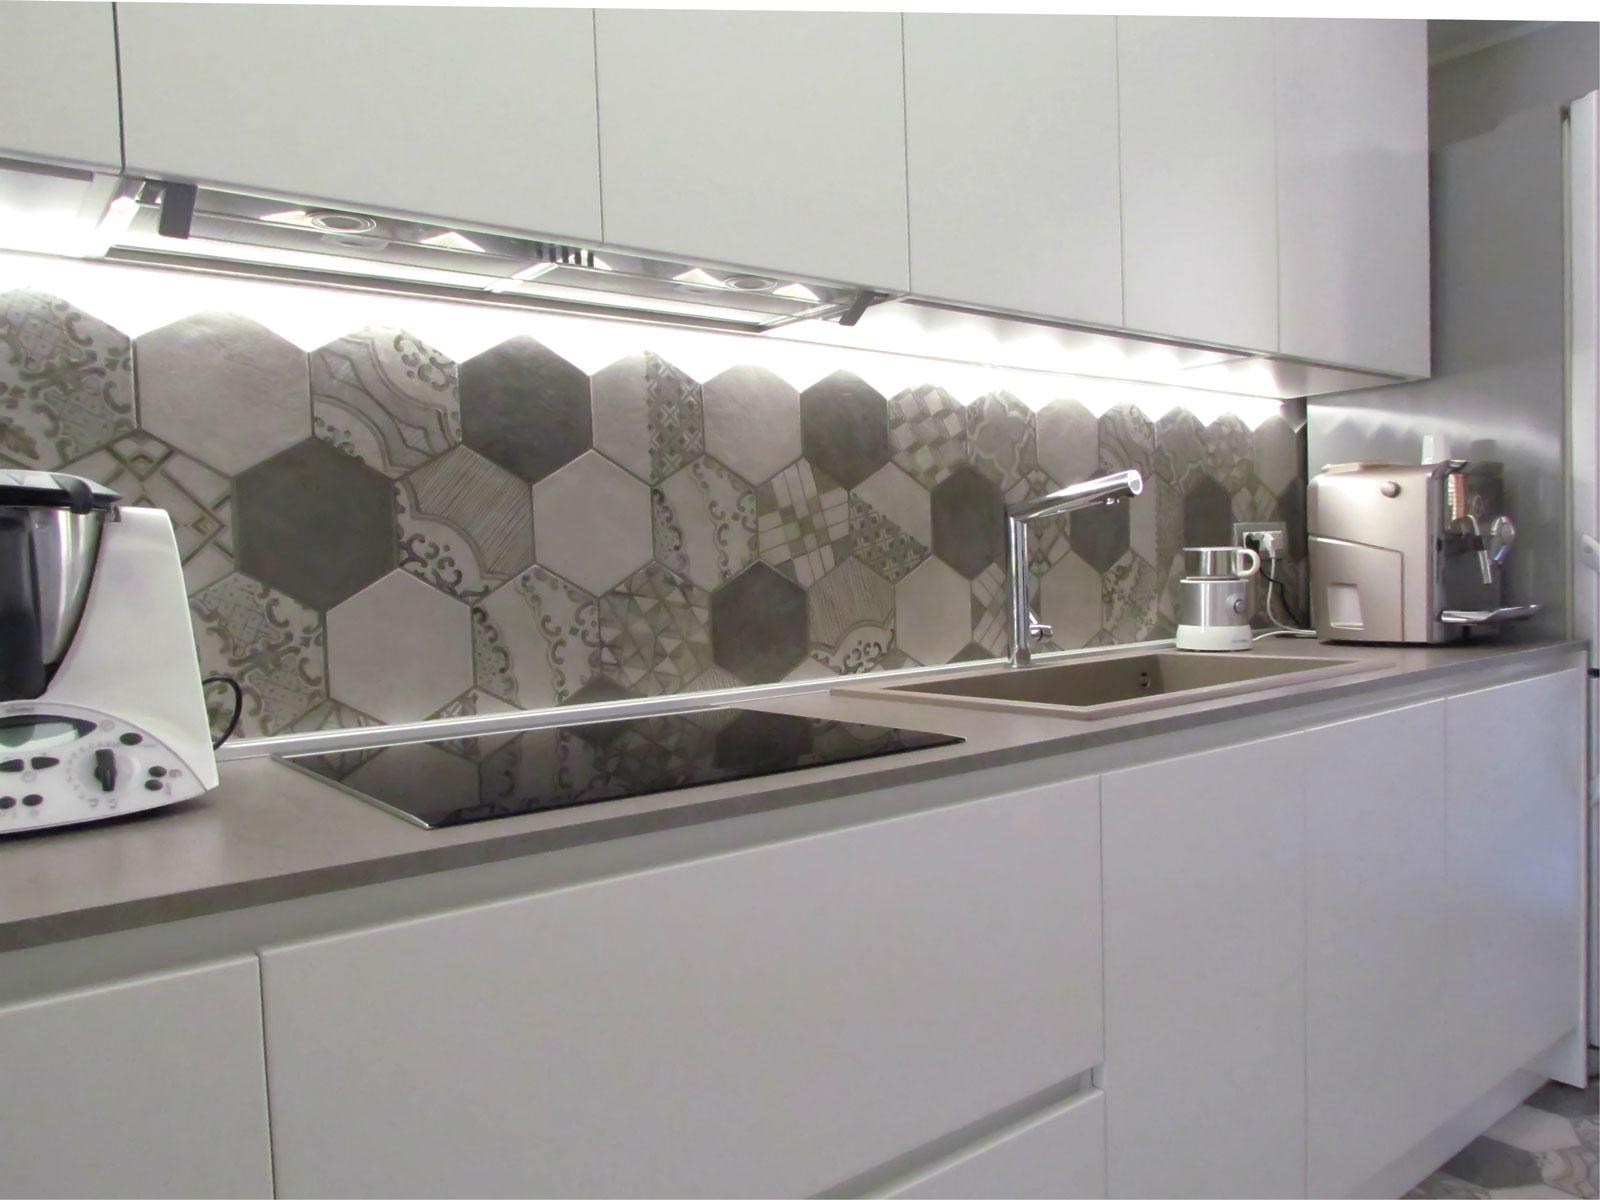 Mattonelle moderne idee bagno piccolo piastrelle bagno - Mattonelle per bagno piccolo ...